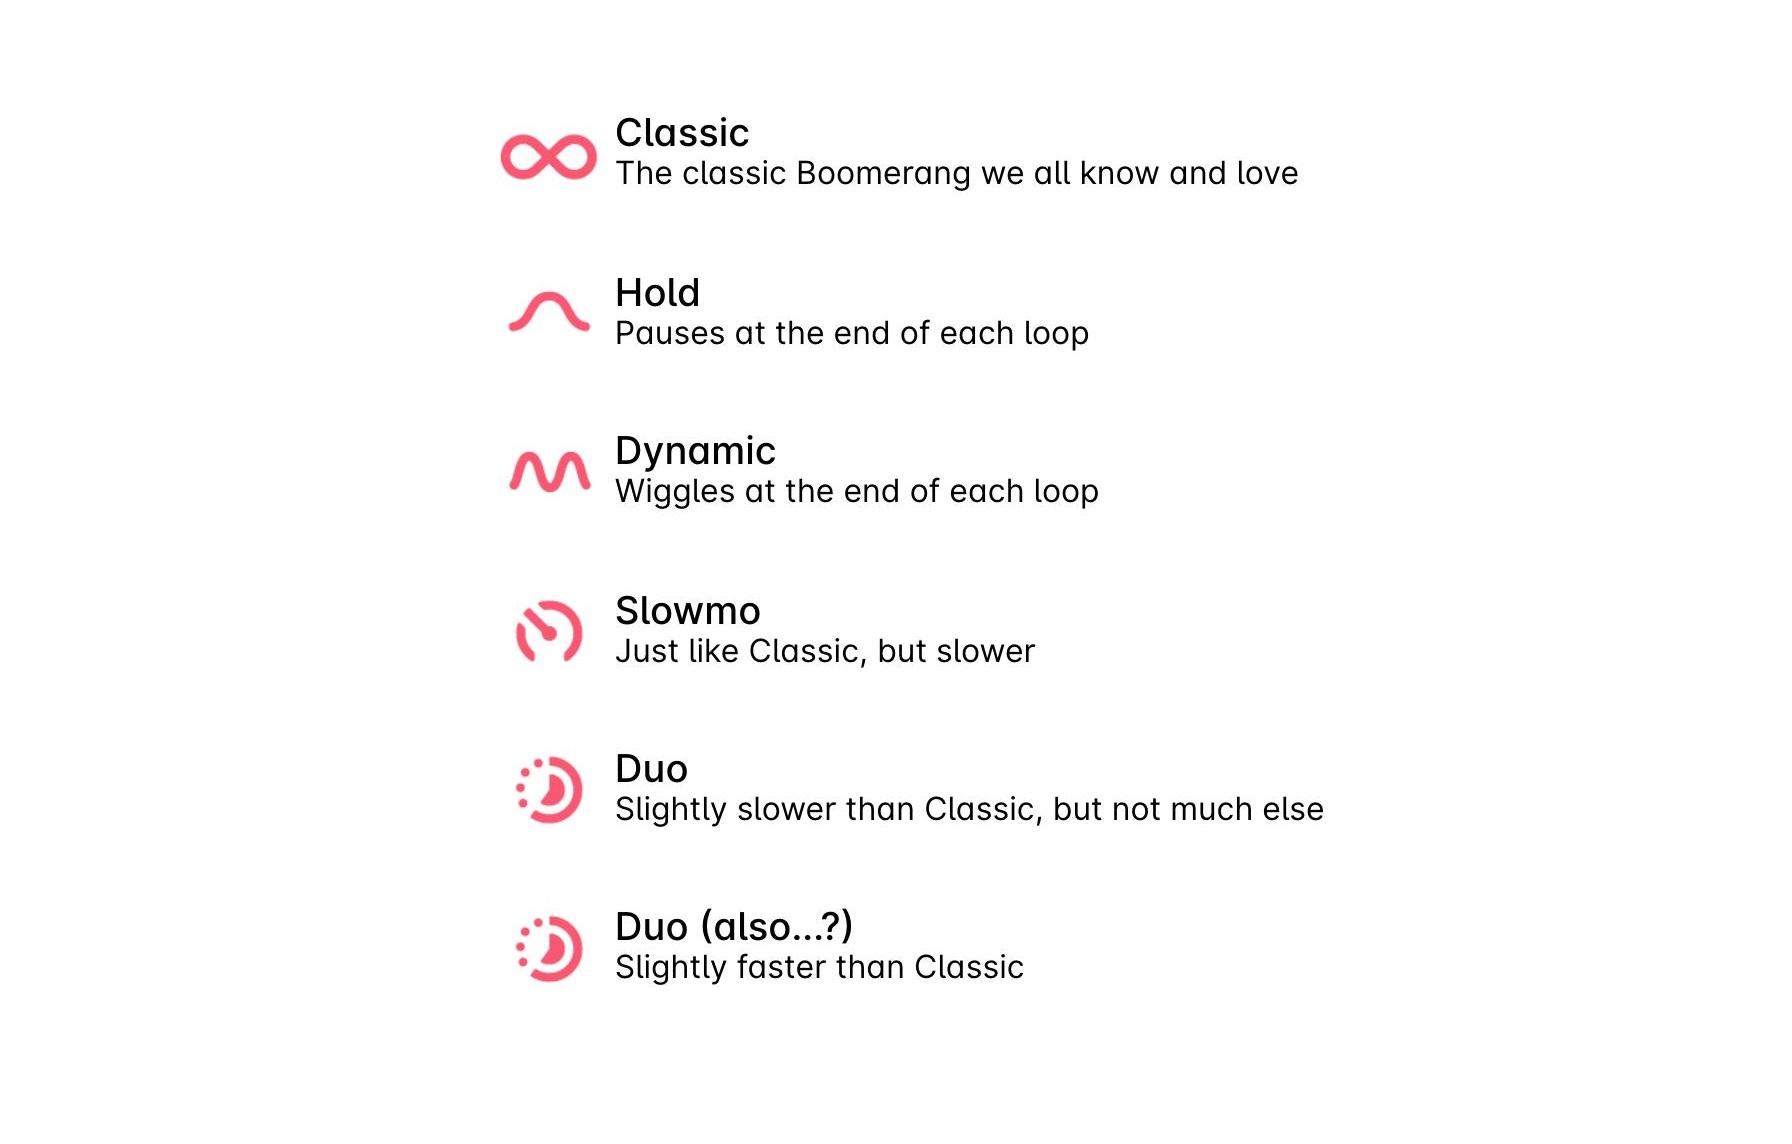 Instagram جرب خمسة تأثيرات جديدة لـ Boomerang 1